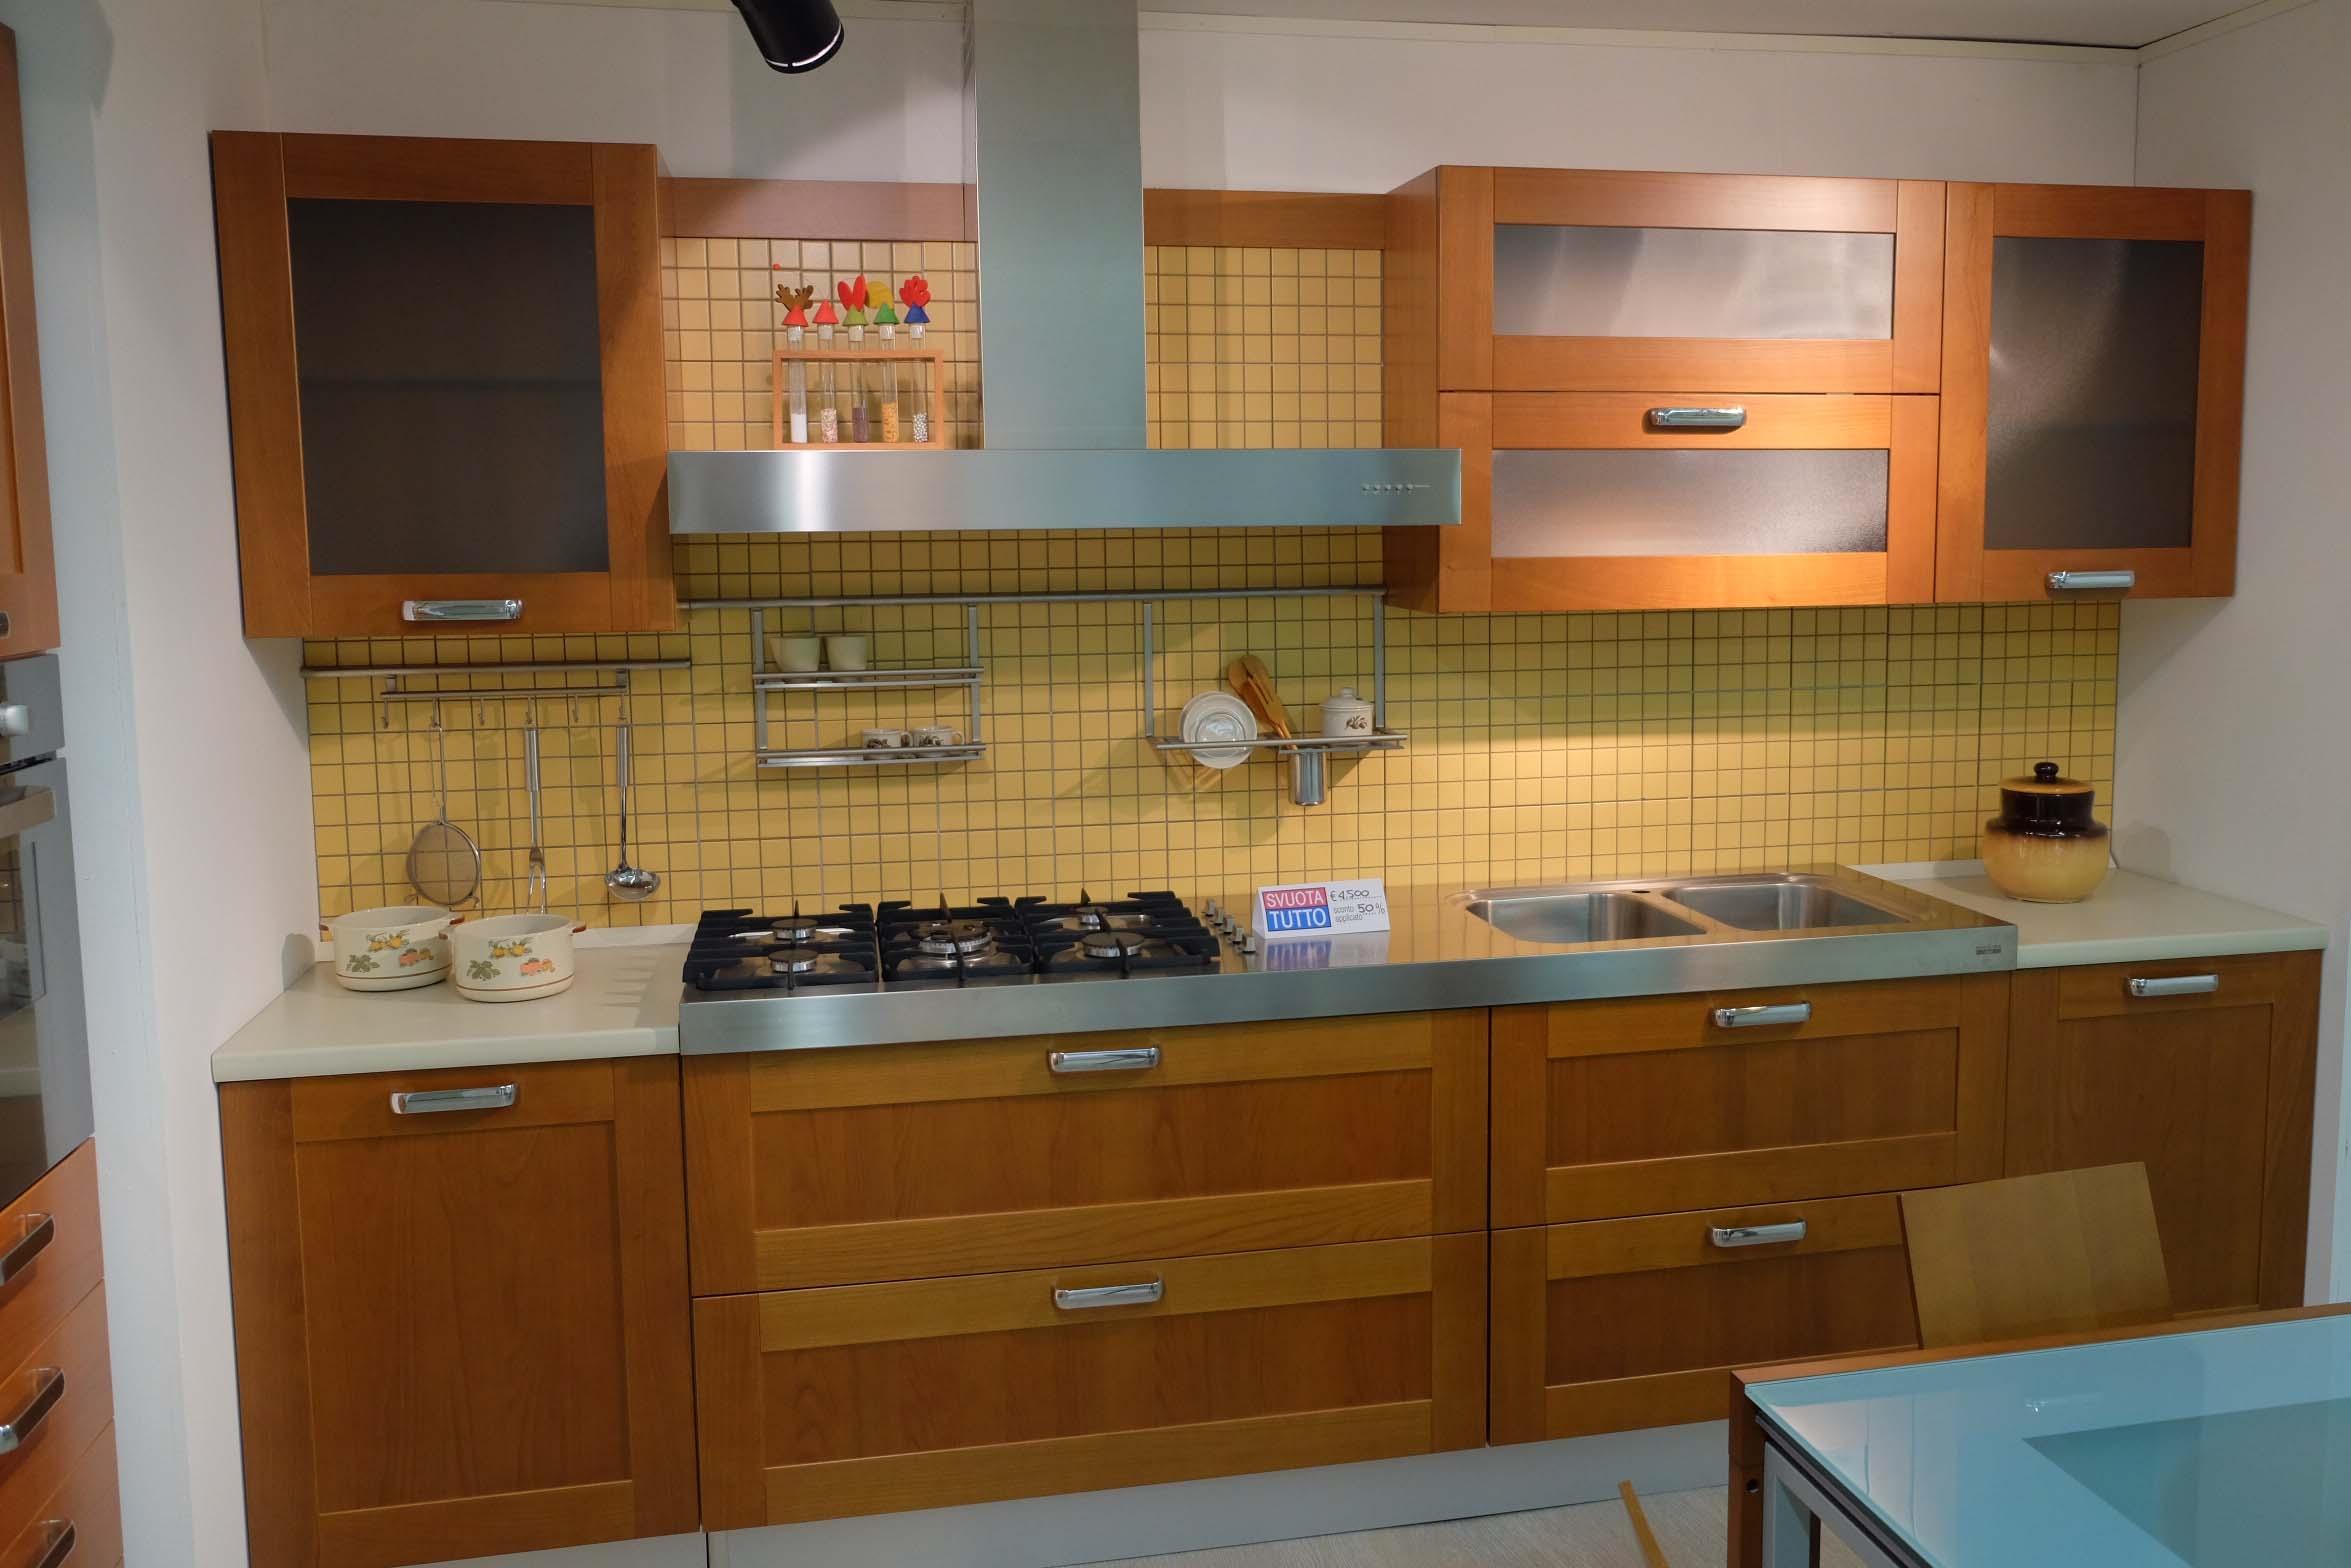 Cucina gentili cucine quadria scontato del 58 cucine a prezzi scontati for Cucine in ciliegio moderne